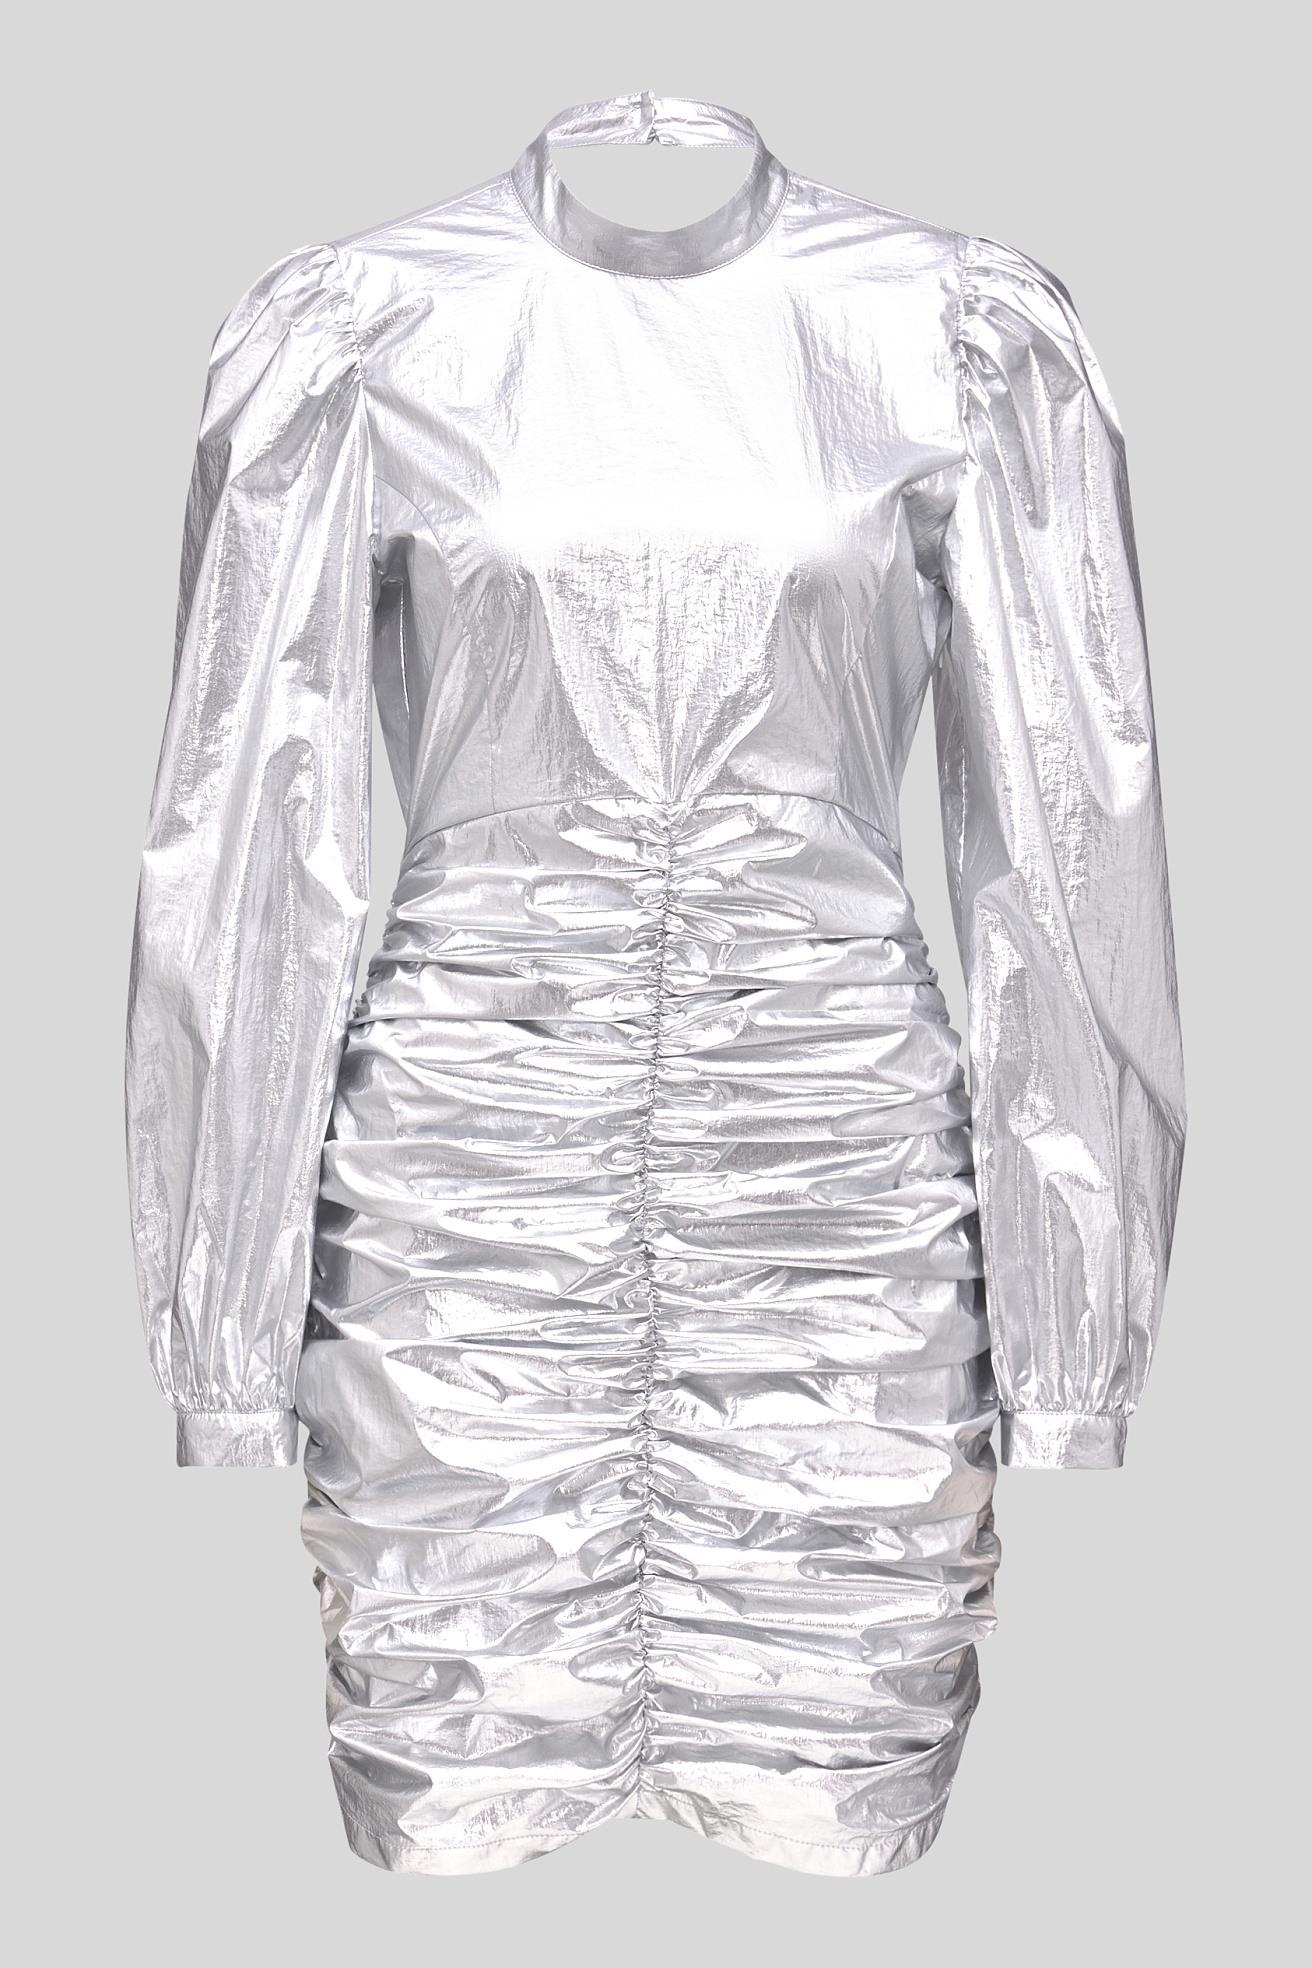 17 Kreativ Yessica Abendkleid Vertrieb Erstaunlich Yessica Abendkleid Spezialgebiet